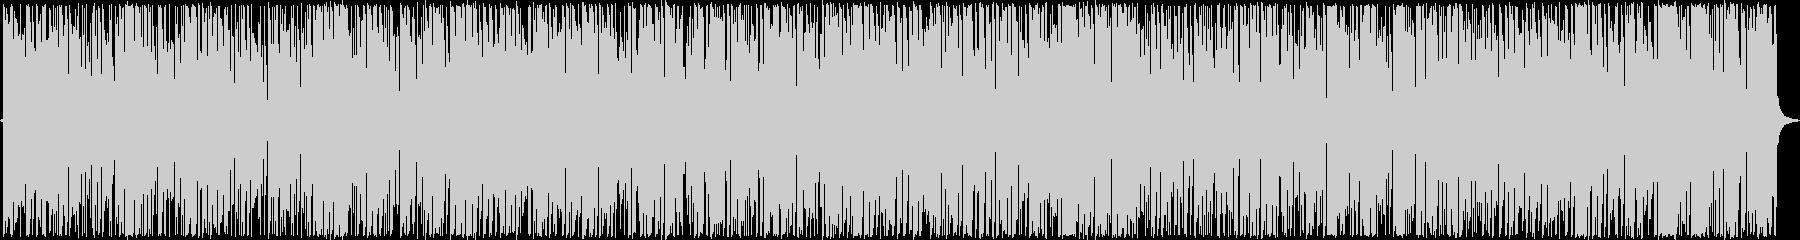 ダンシンボールルーム。チャチャチャ...の未再生の波形